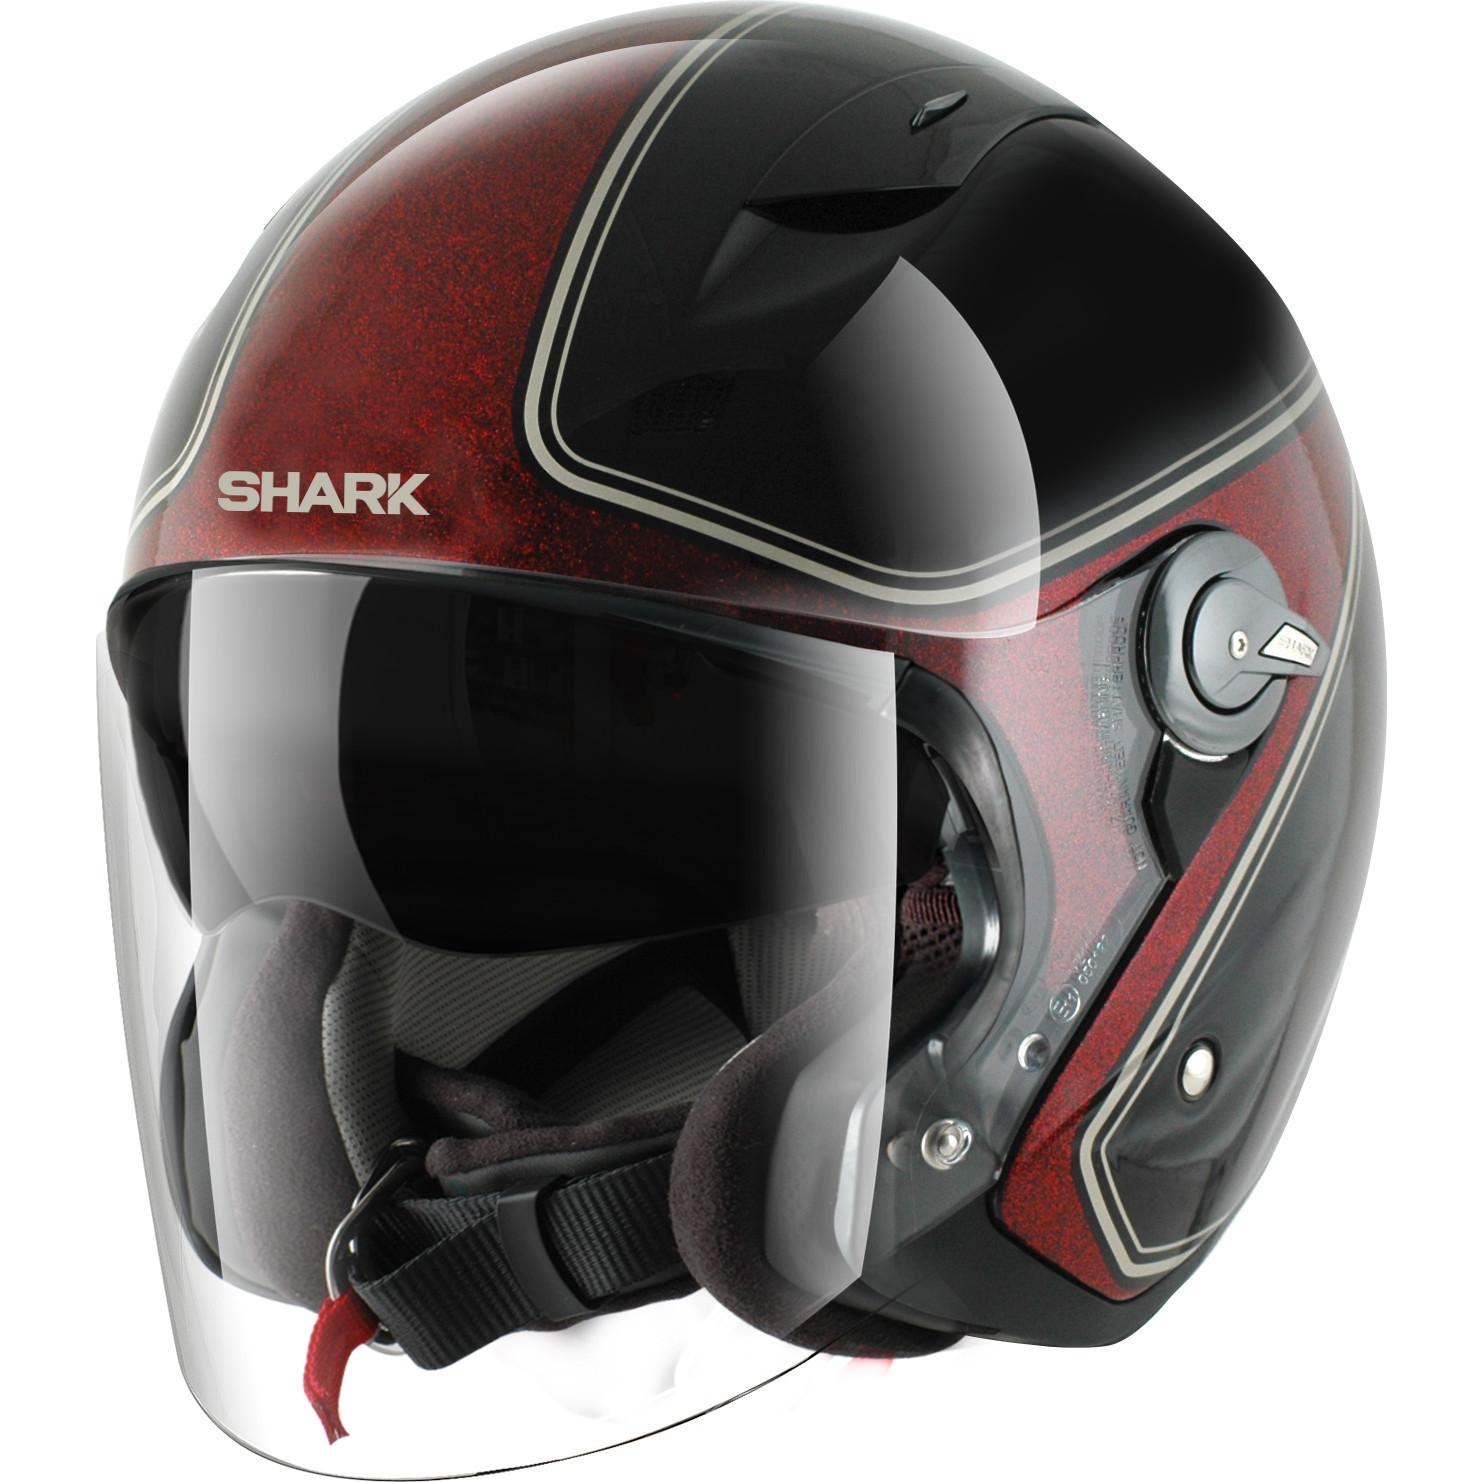 shark rsj sassy motorcycle helmet open face jet scooter. Black Bedroom Furniture Sets. Home Design Ideas